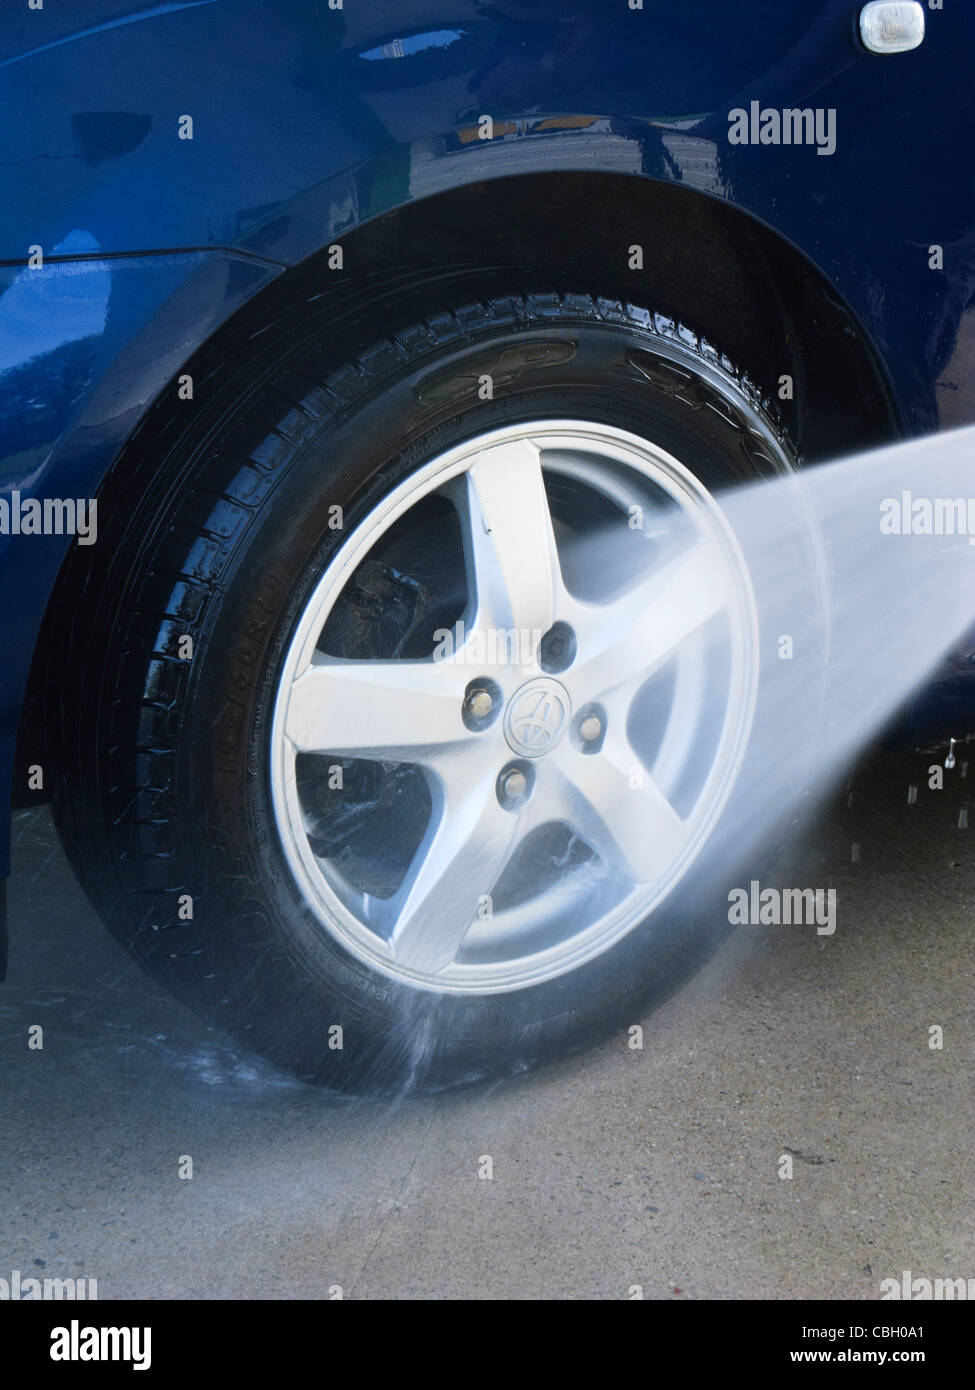 Lavaggio a spruzzo auto ruota in corrispondenza di un lavaggio a getto Immagini Stock